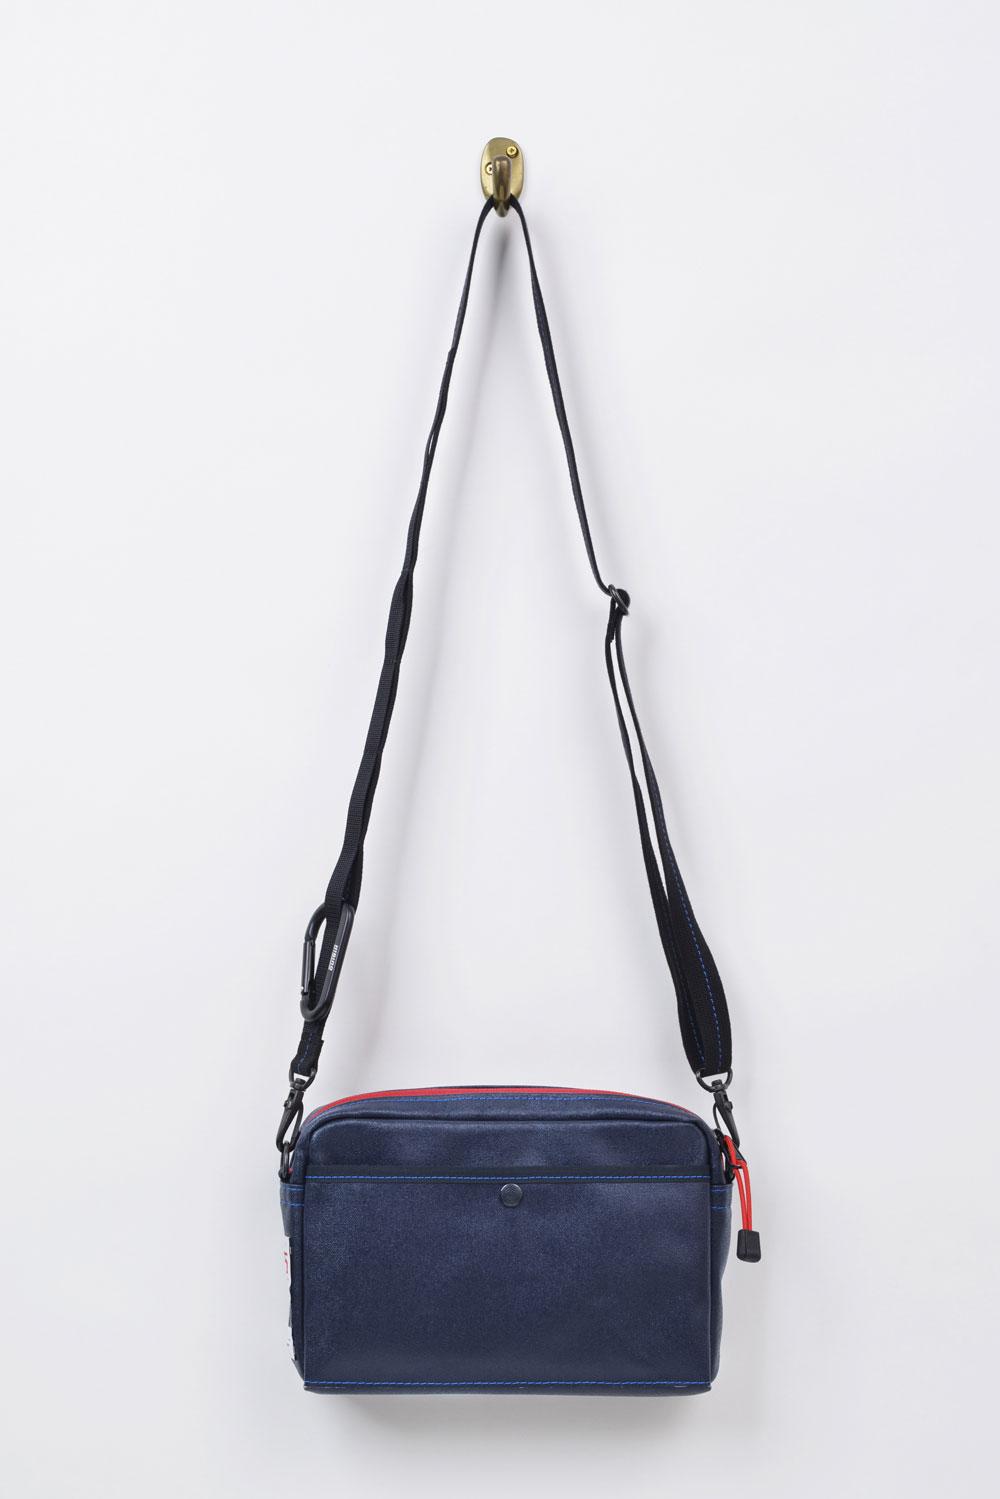 画像: 「ヒビノ×横濱帆布鞄 オリジナル・サコッシュ」